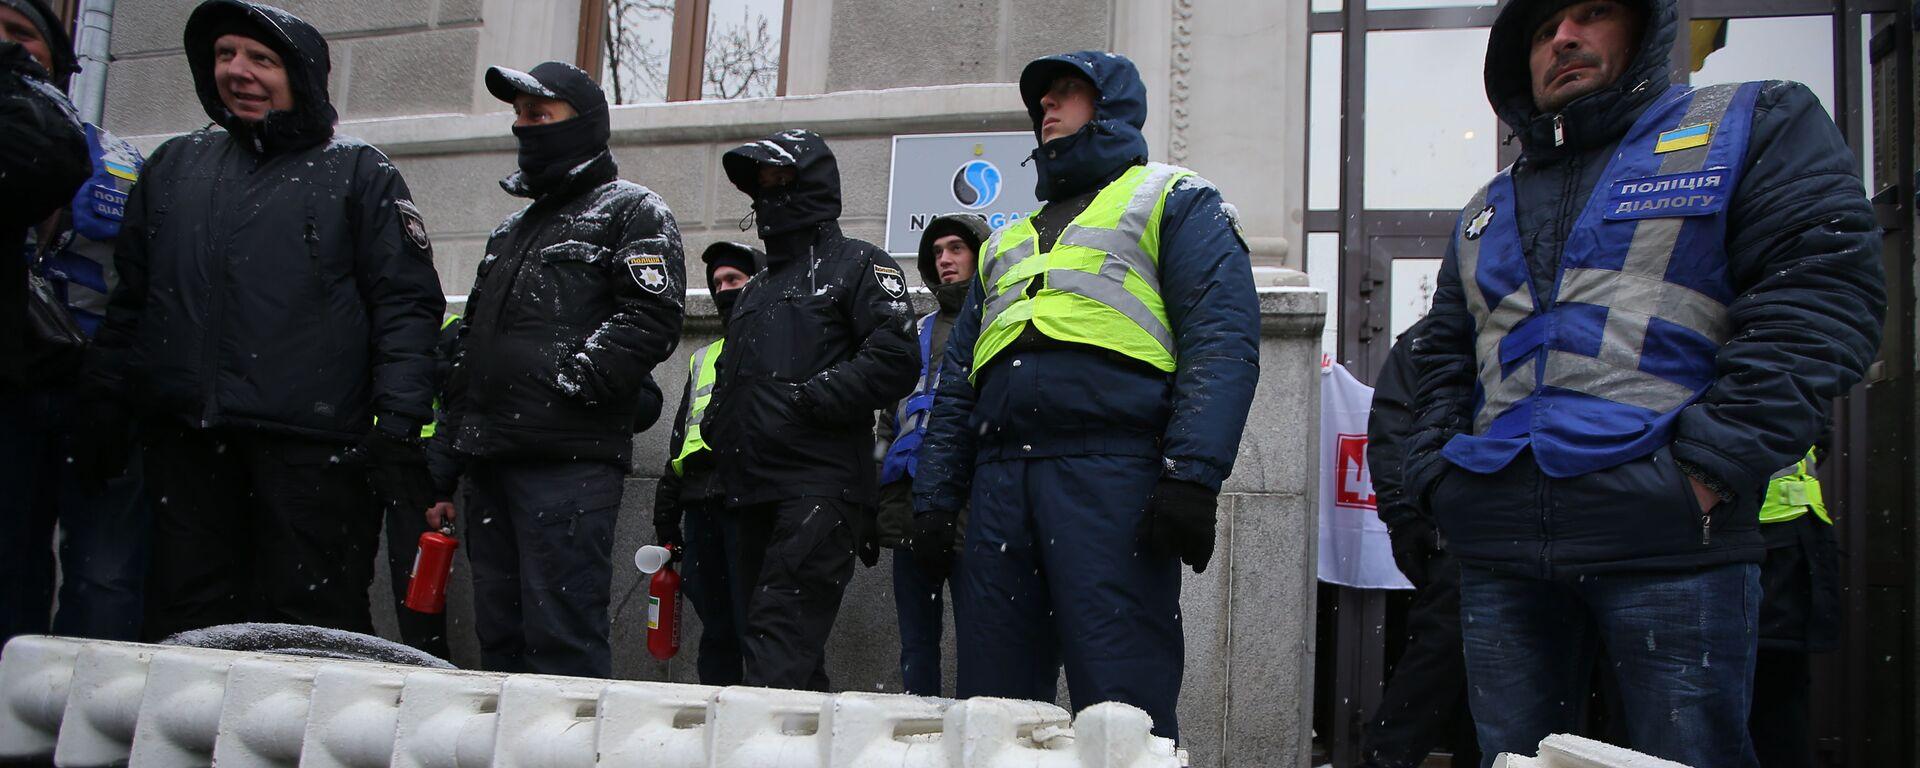 Акции с требованием включить отопление в городах Украины - Sputnik Латвия, 1920, 08.09.2021